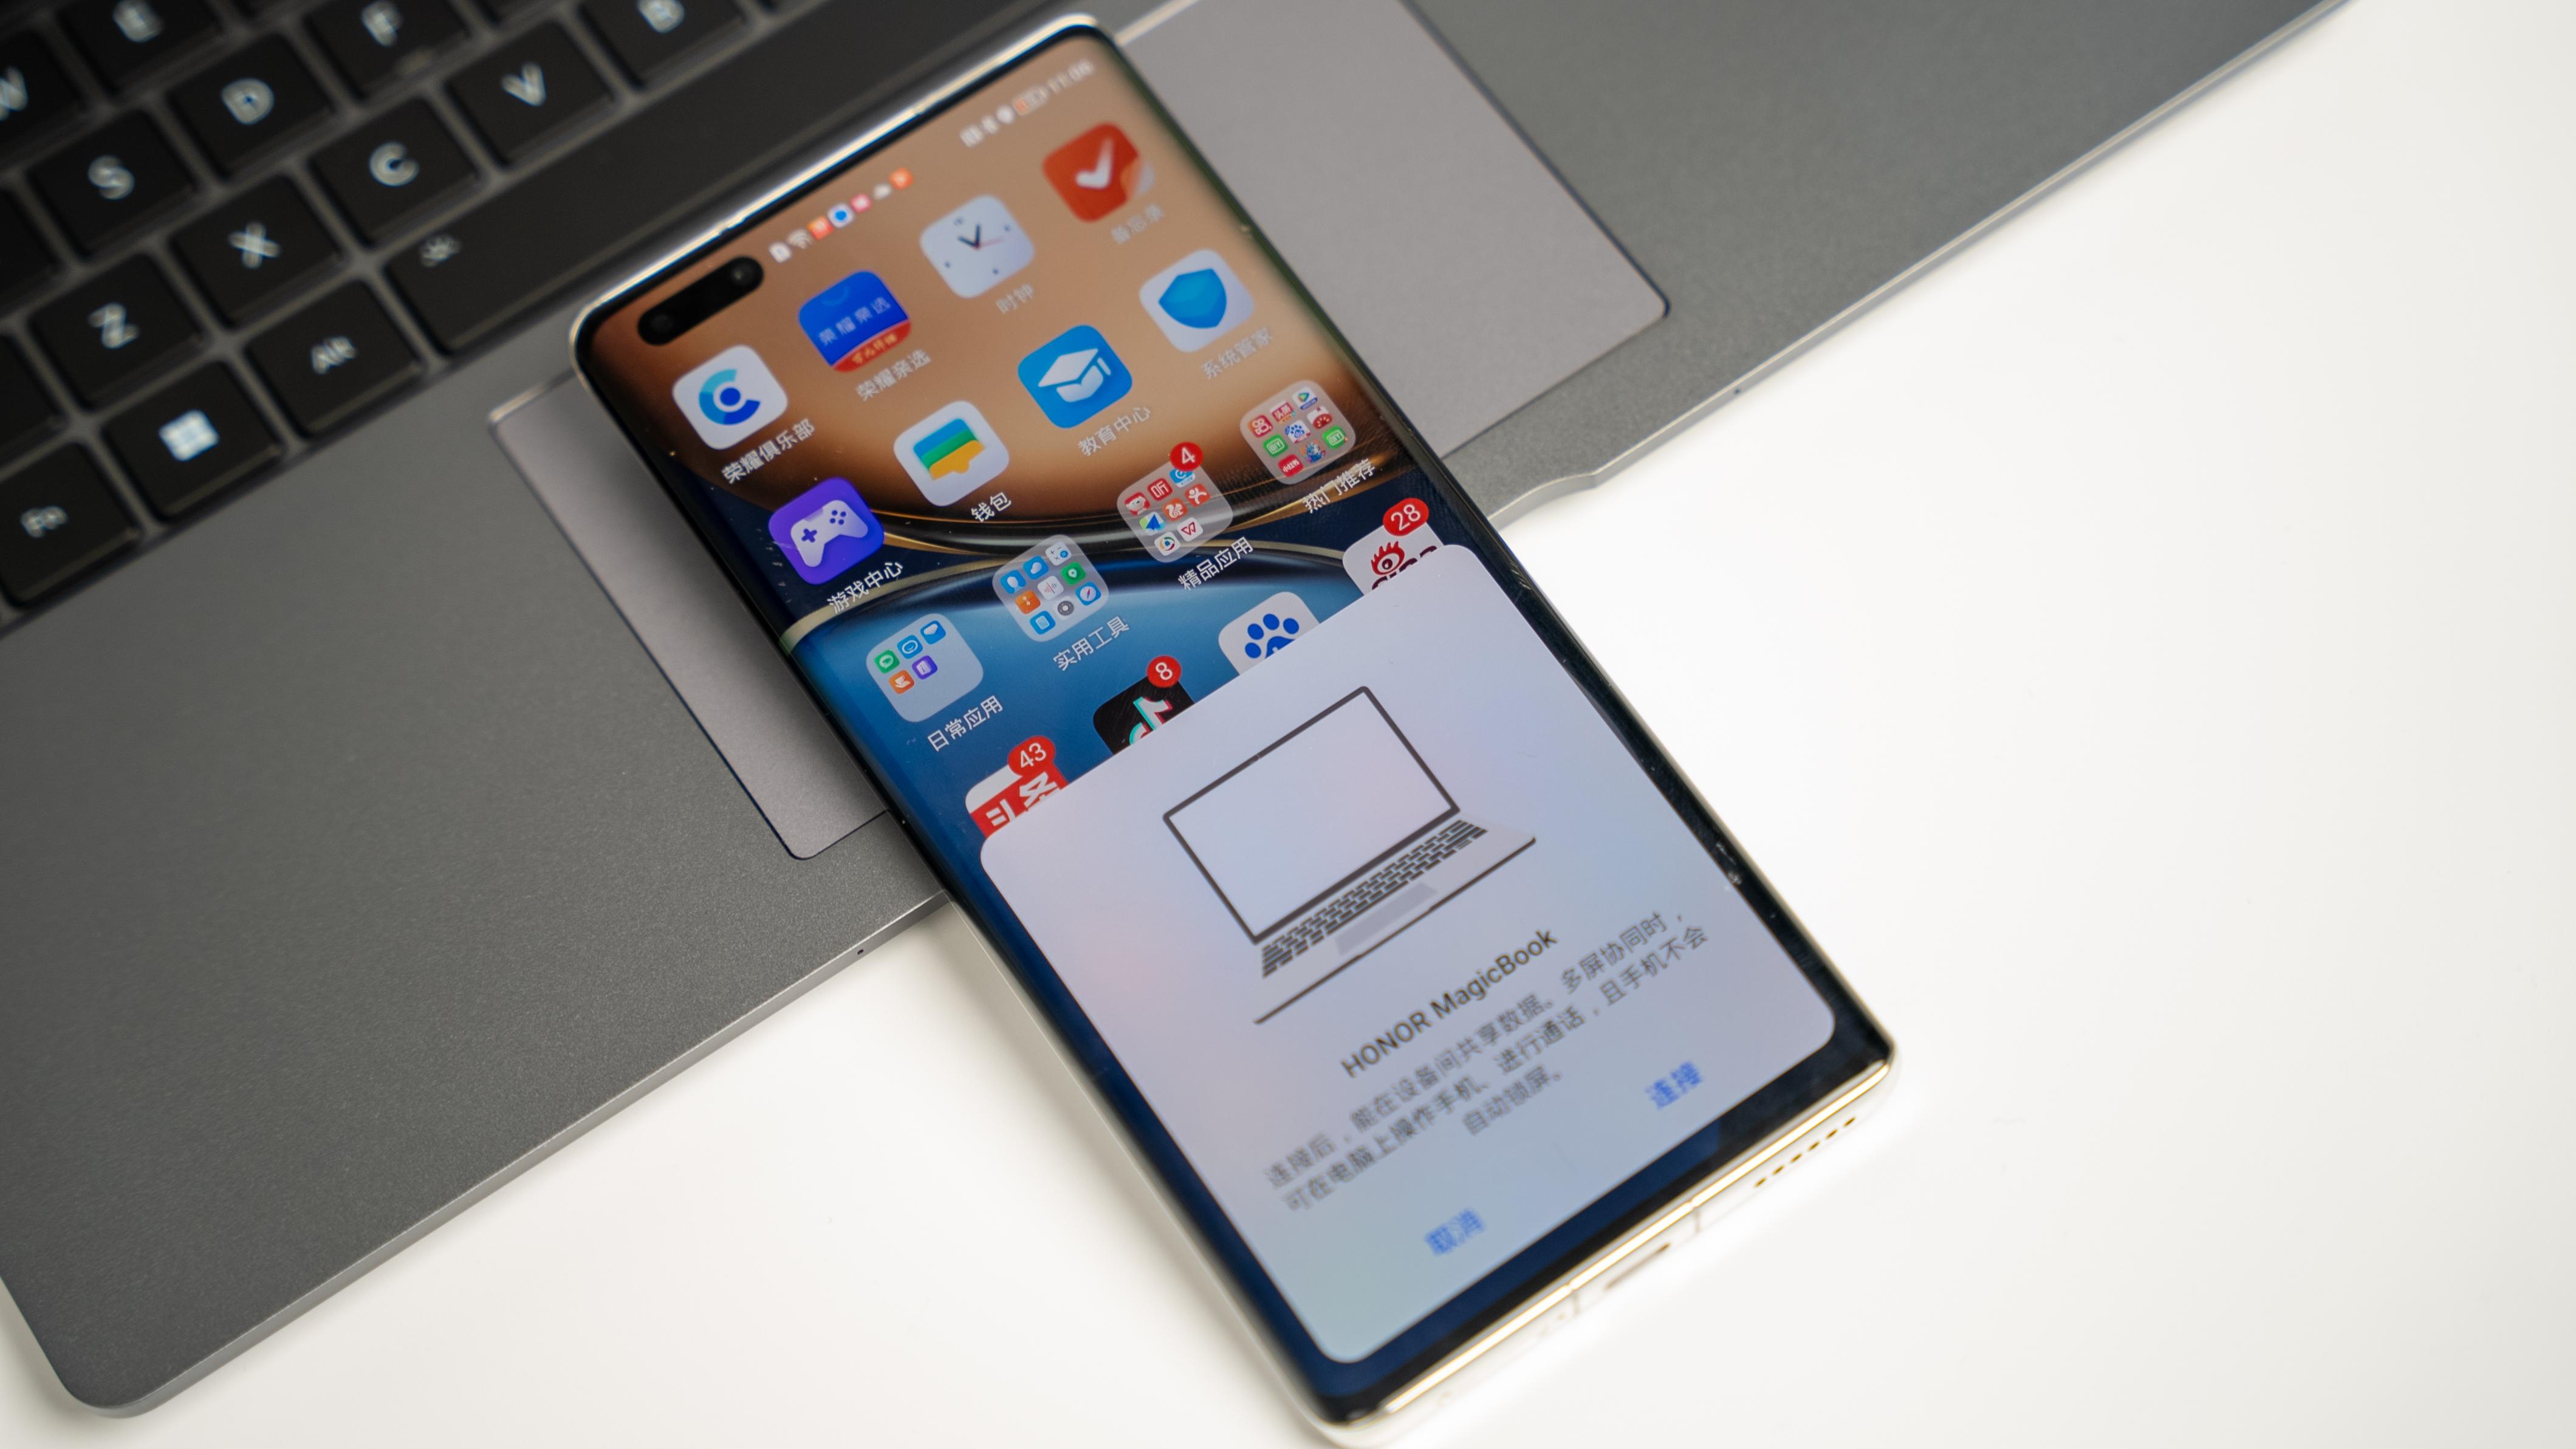 在智慧交互上,荣耀MagicBook V 14与手机联动,可以实现文档、图片互传,在PC上即可代开手机内文件、APP,剪切板共享功能,以及用PC接打手机电话等更多应用之上